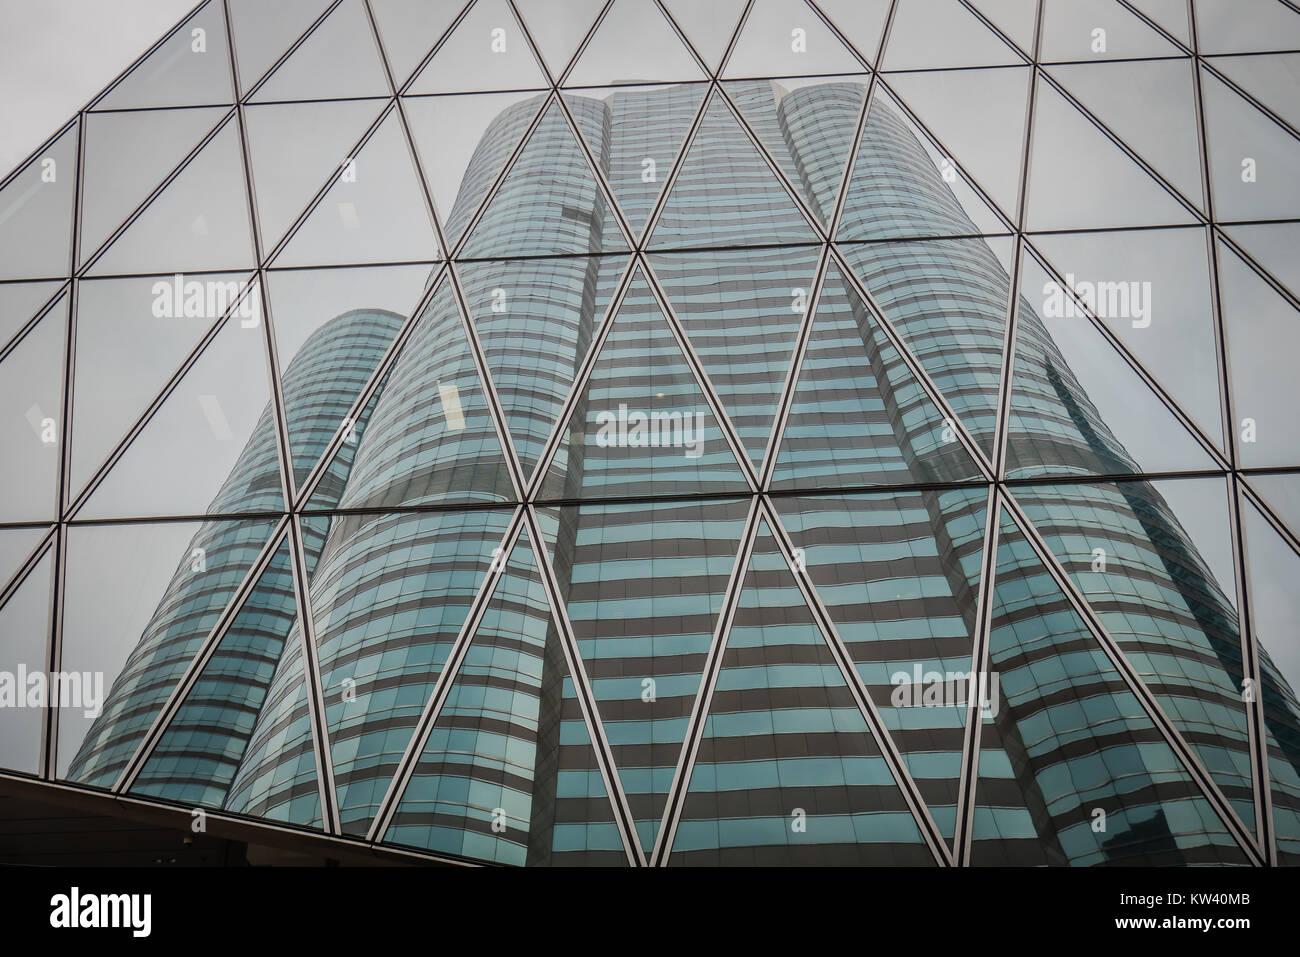 Reflexion von Office Tower auf einem Glas Bürogebäude Stockbild